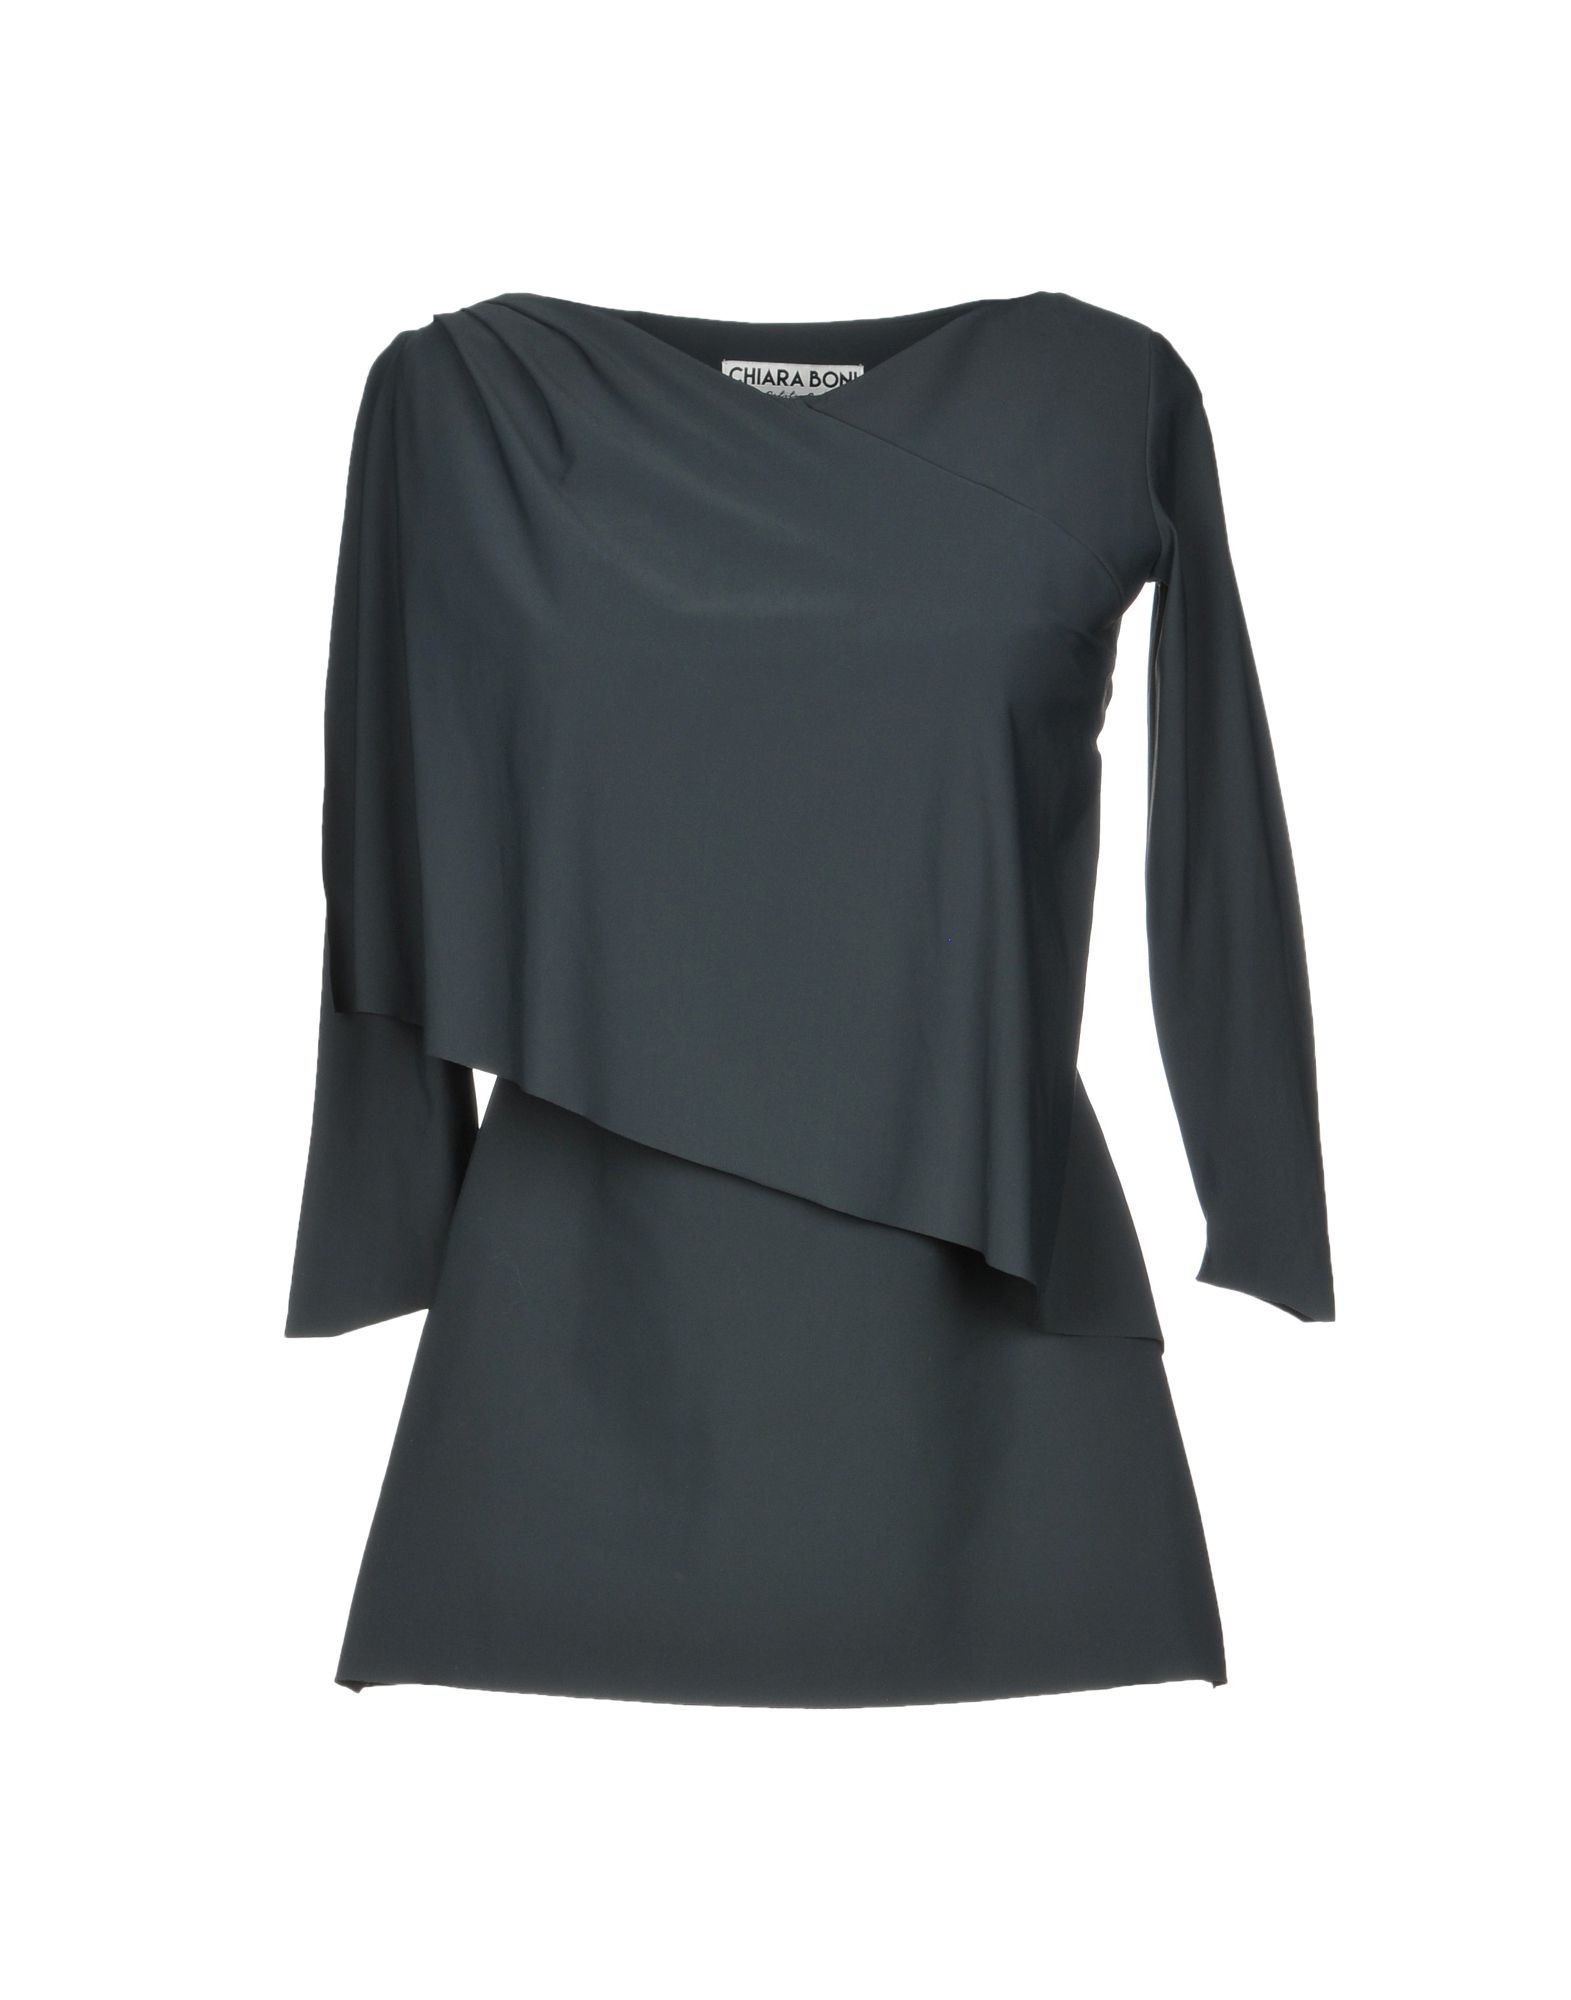 CHIARA BONI LA PETITE ROBE Блузка блузка moda di chiara